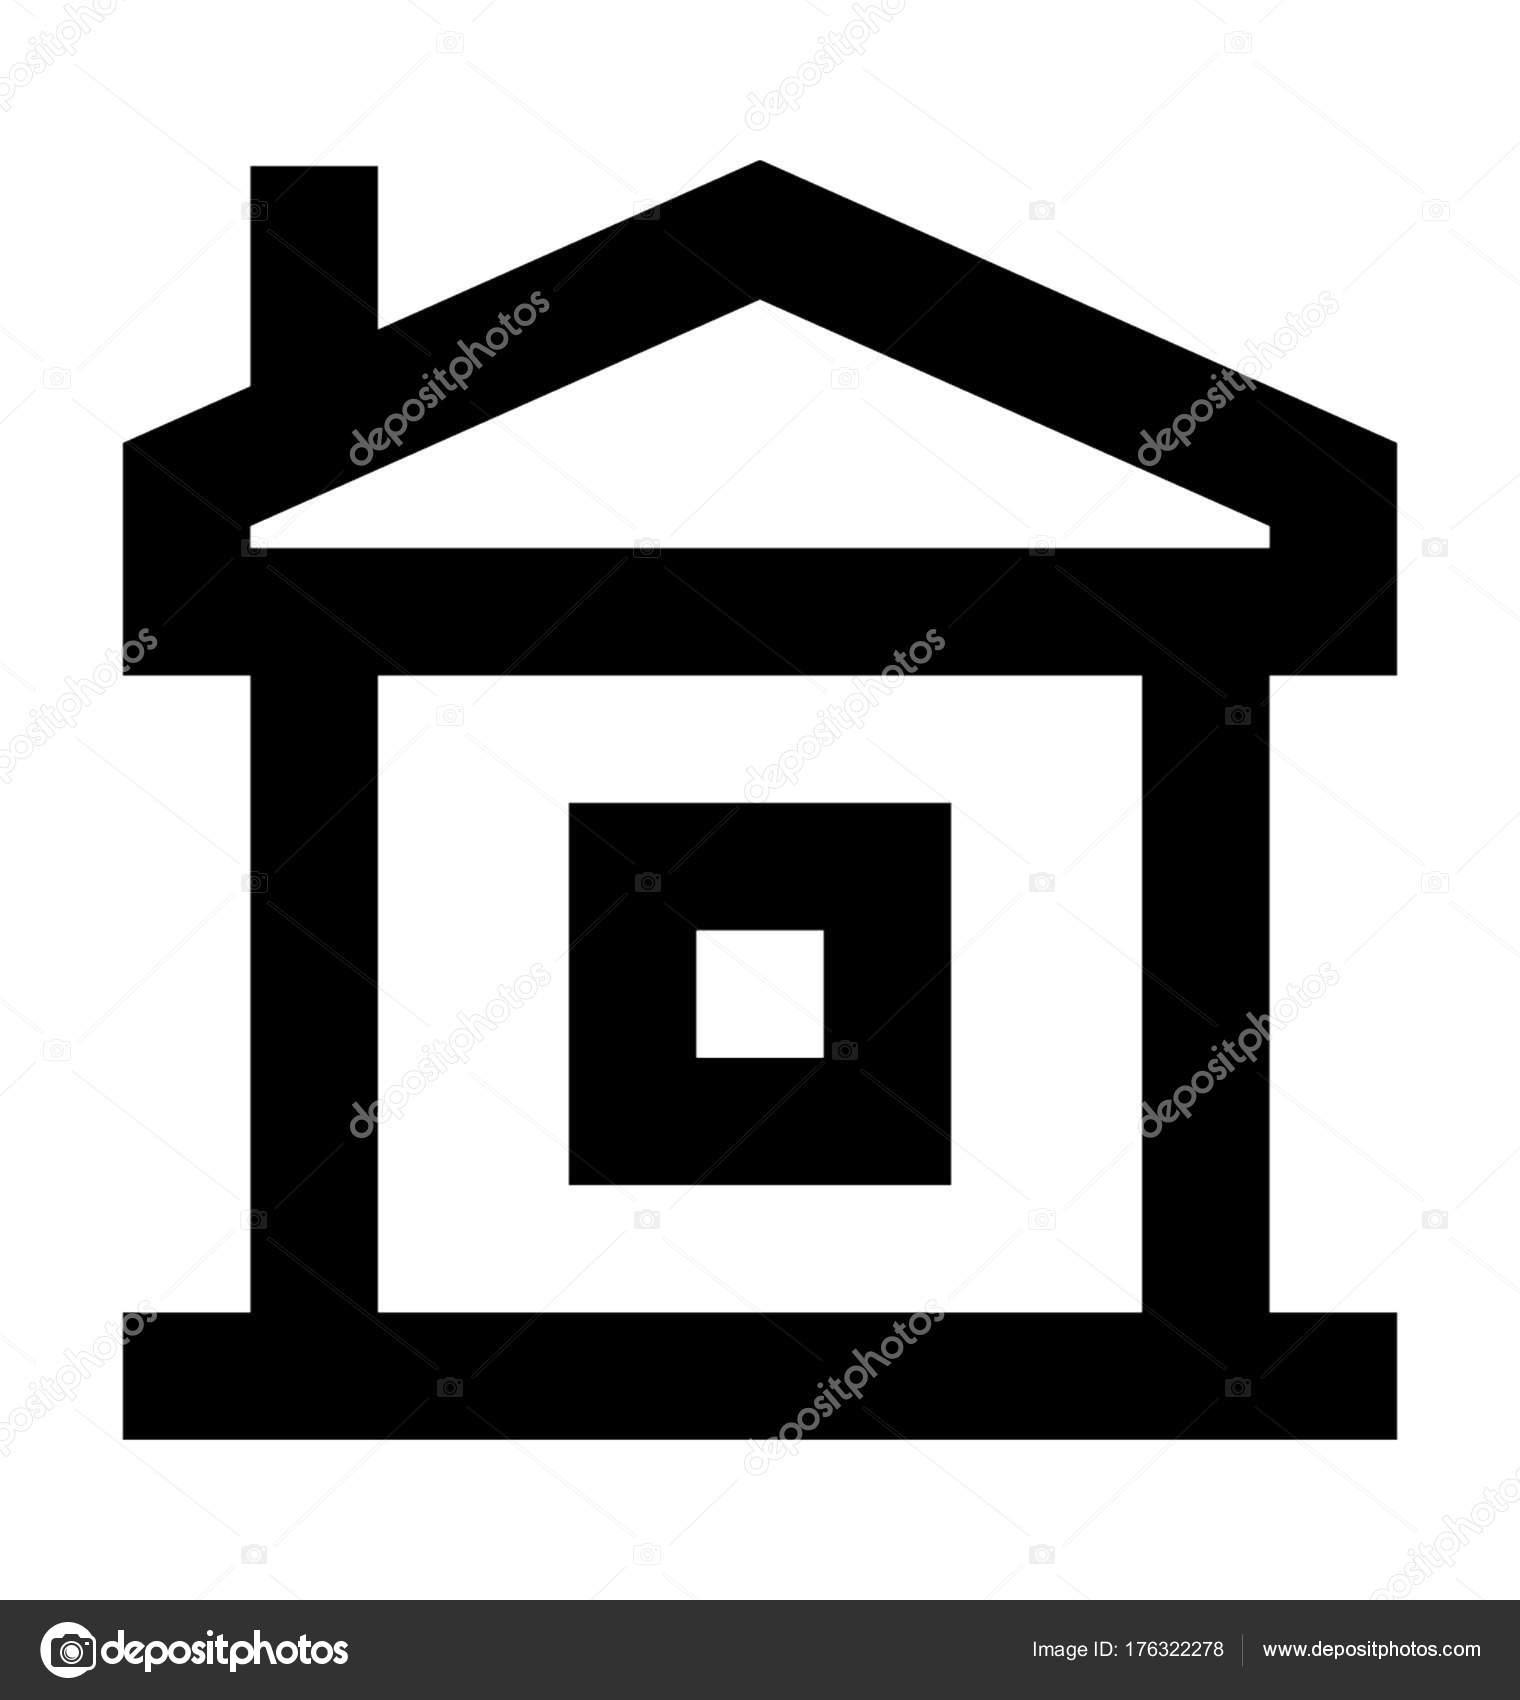 farm house vector icon stock vector creativestall 176322278 rh depositphotos com lighthouse icon vector house vector icon free download